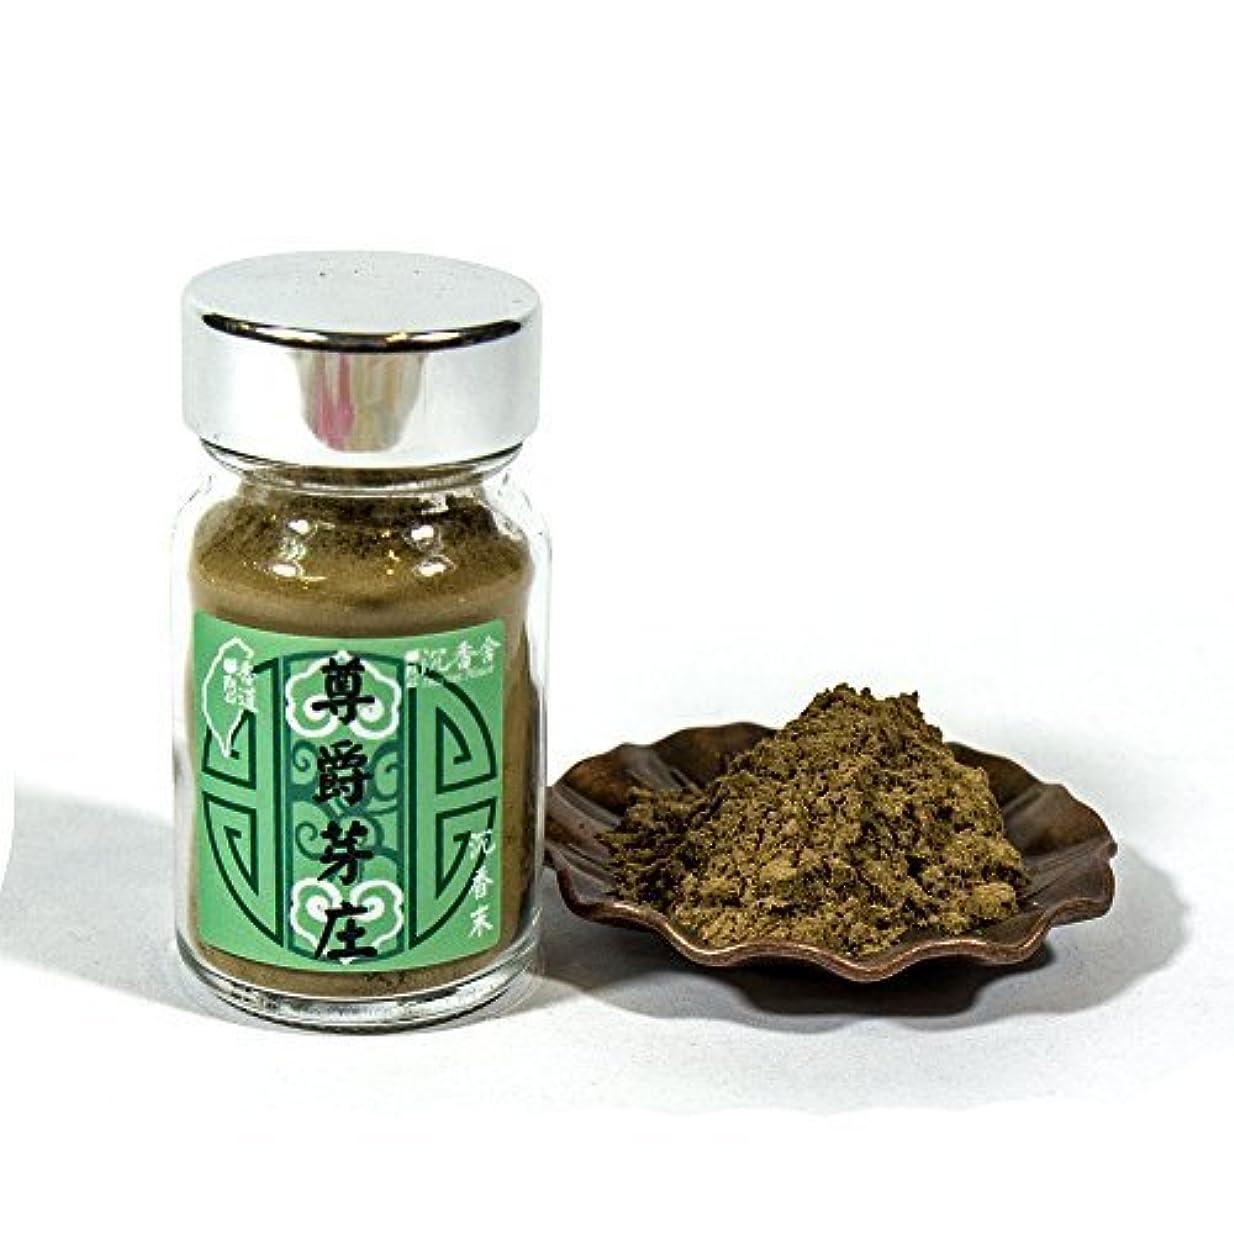 強要ギター請求書Agarwood Aloeswood Top Grade Old Stock NhaTrang Chen Xiang Incense Powder 10g by IncenseHouse - Raw Material [並行輸入品]